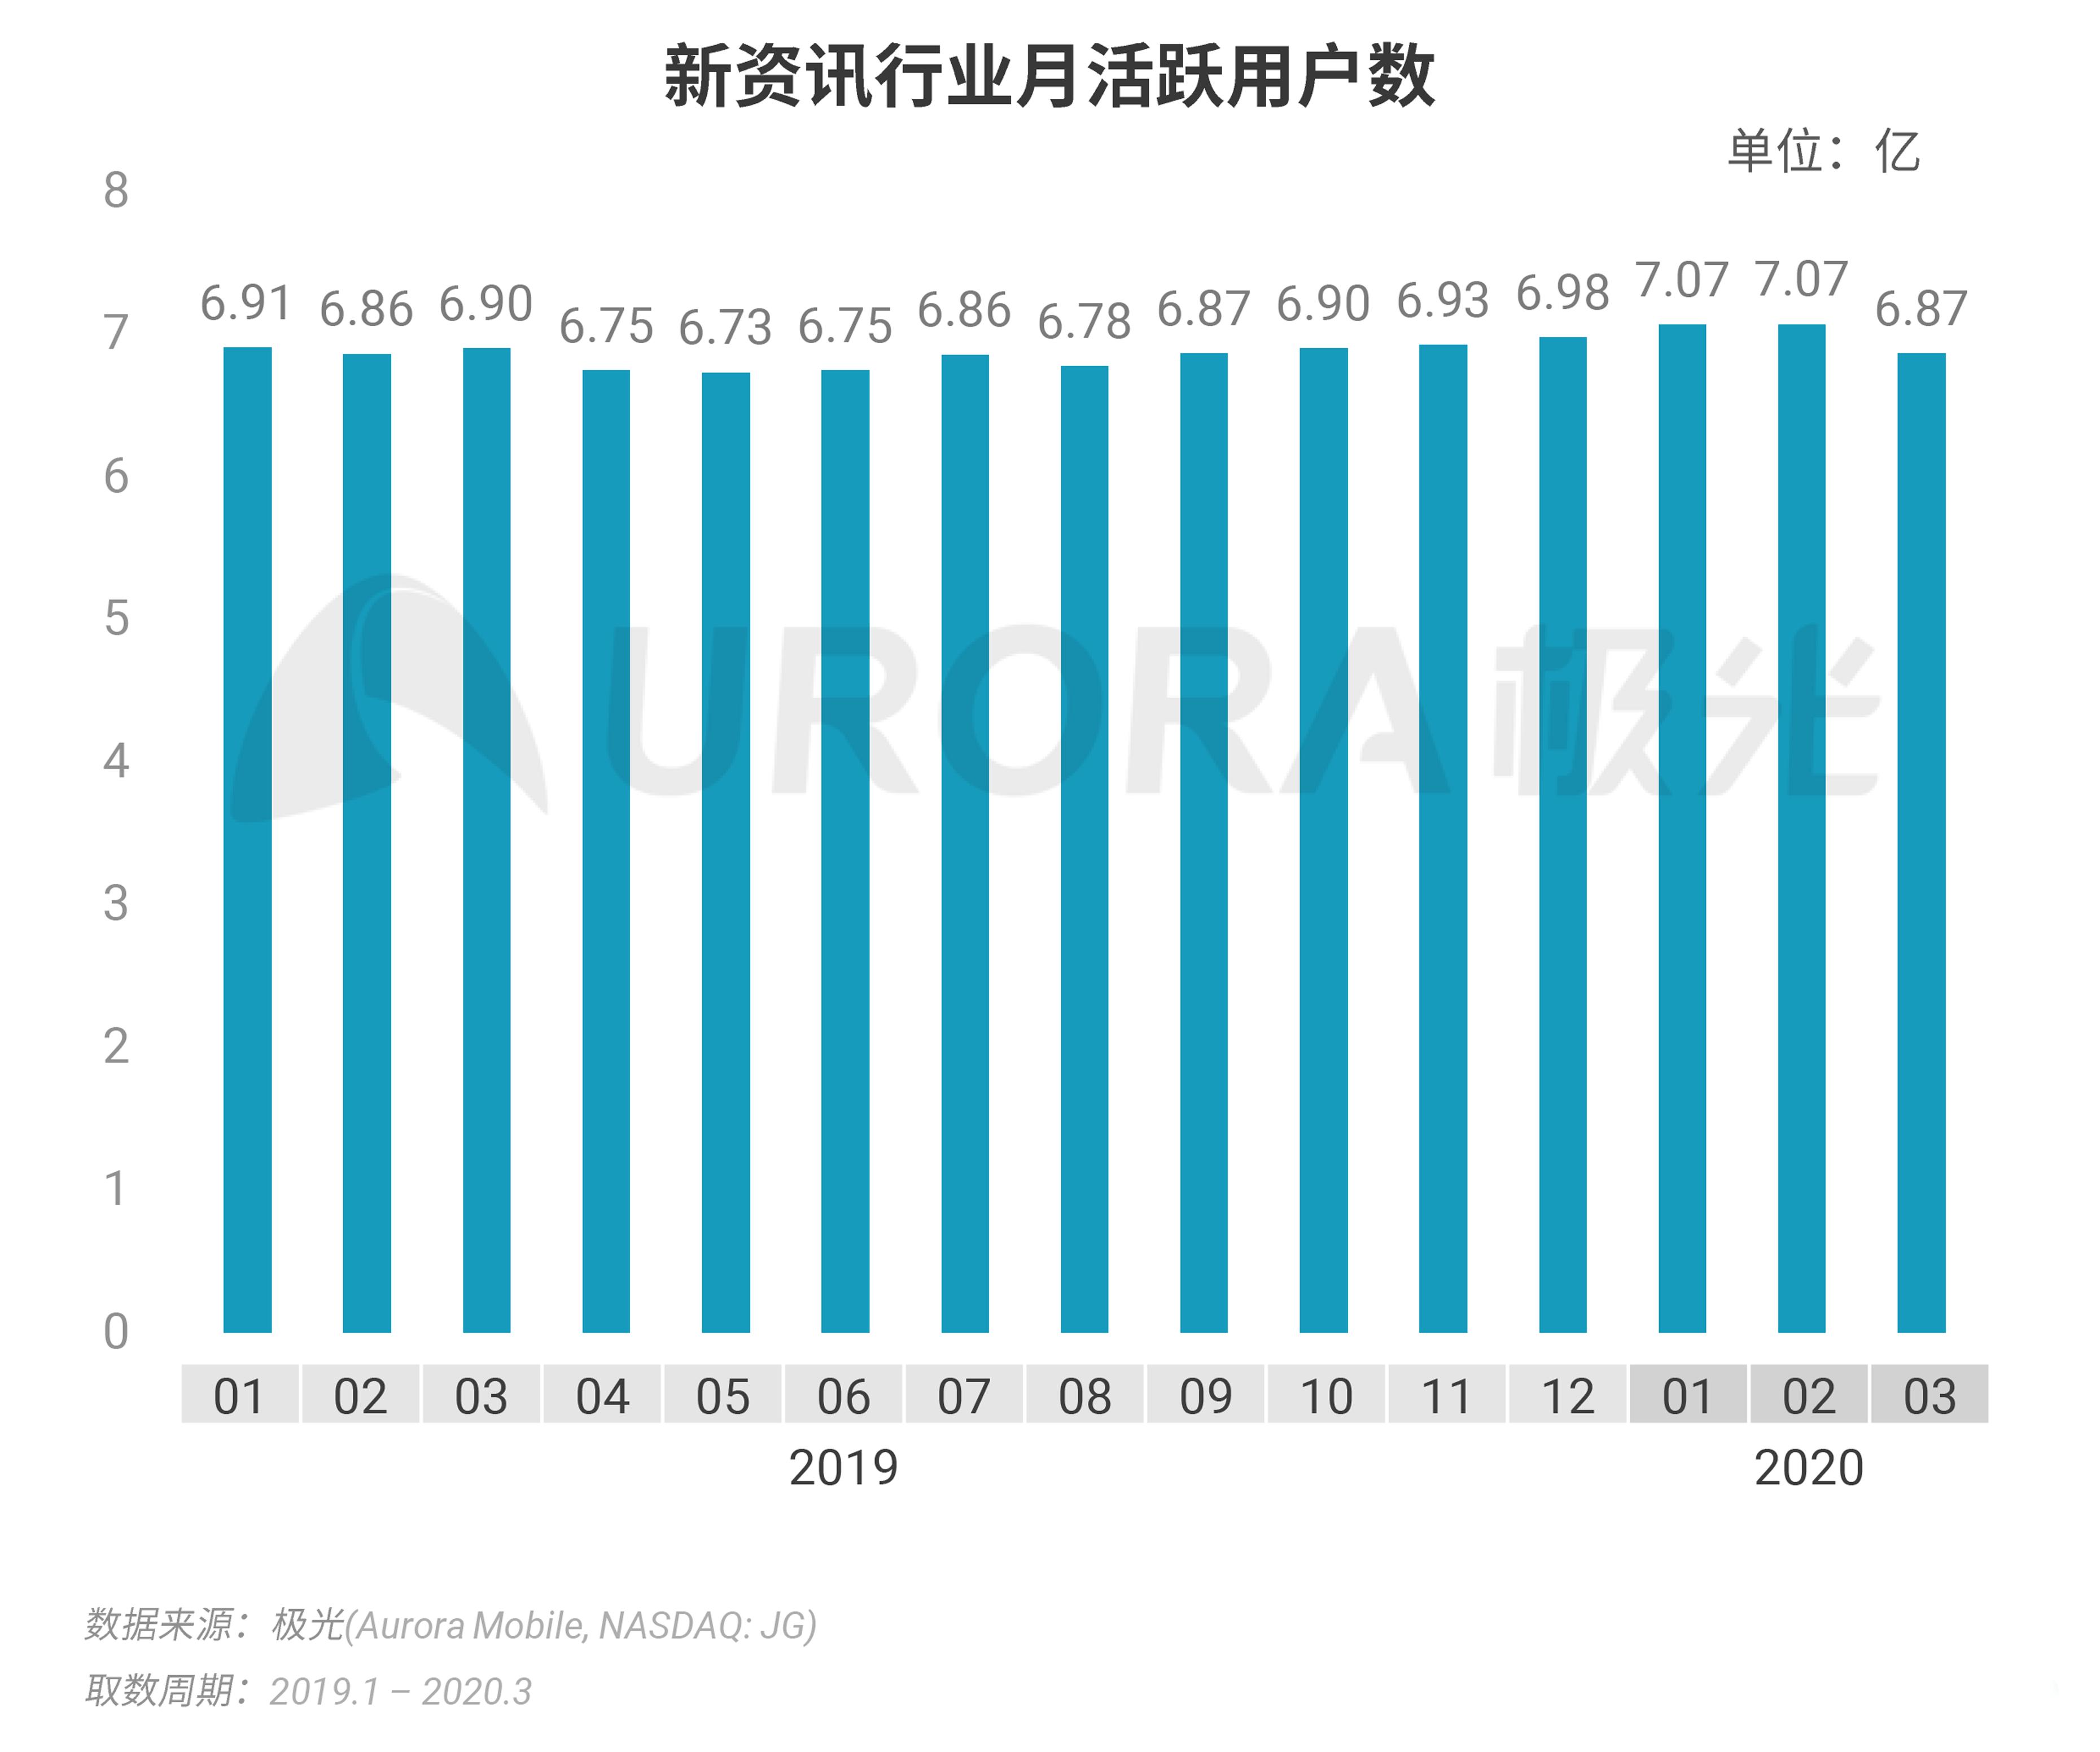 极光:新闻资讯 (6).png